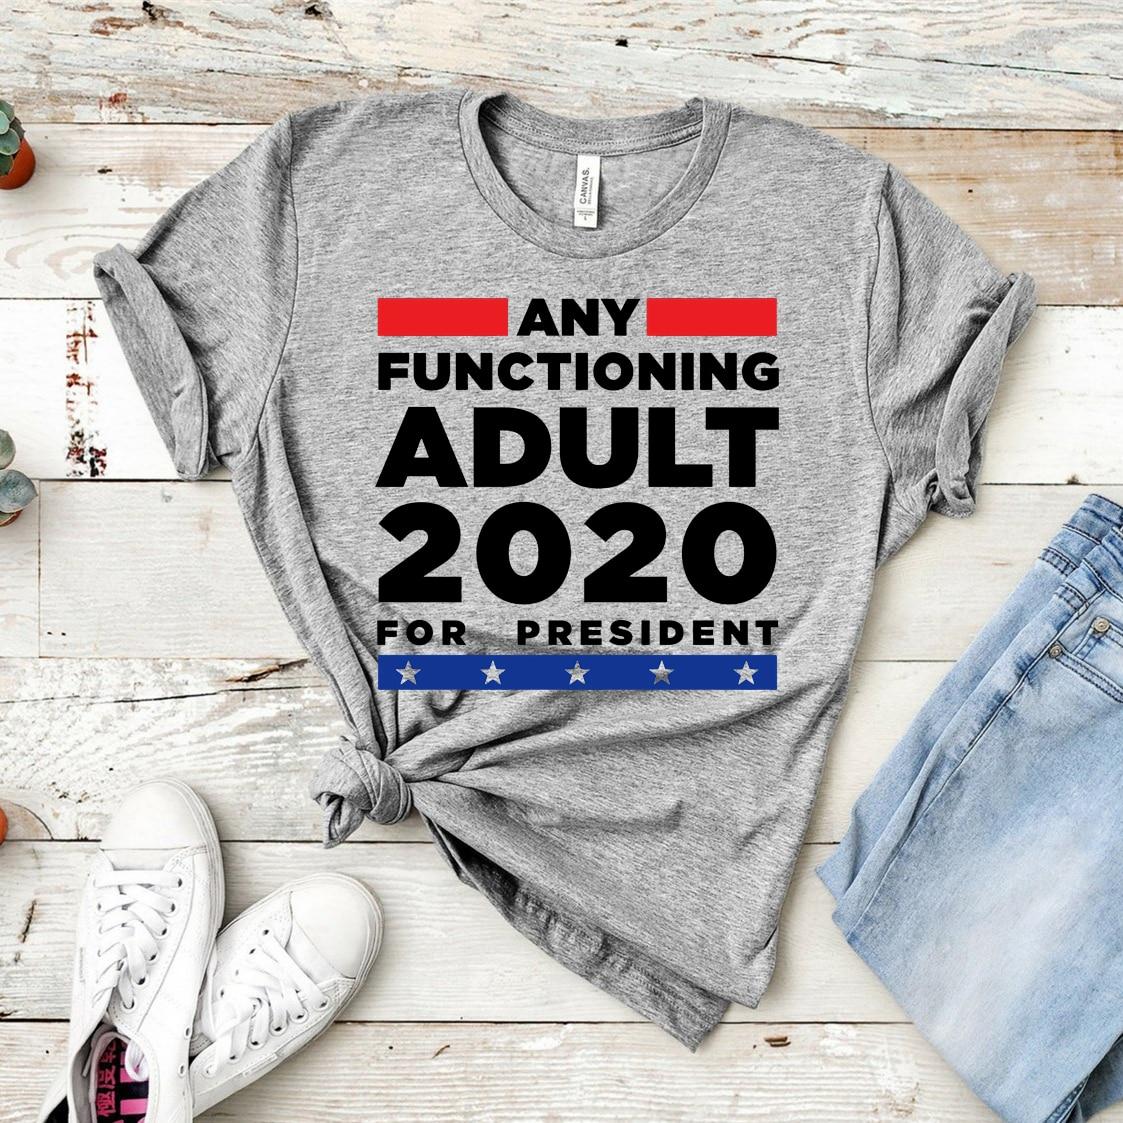 Какие-либо функционирования взрослых 2020 рубашка политический Юмор свободной футболки консервативная футболка Анти-Трамп политических фут...